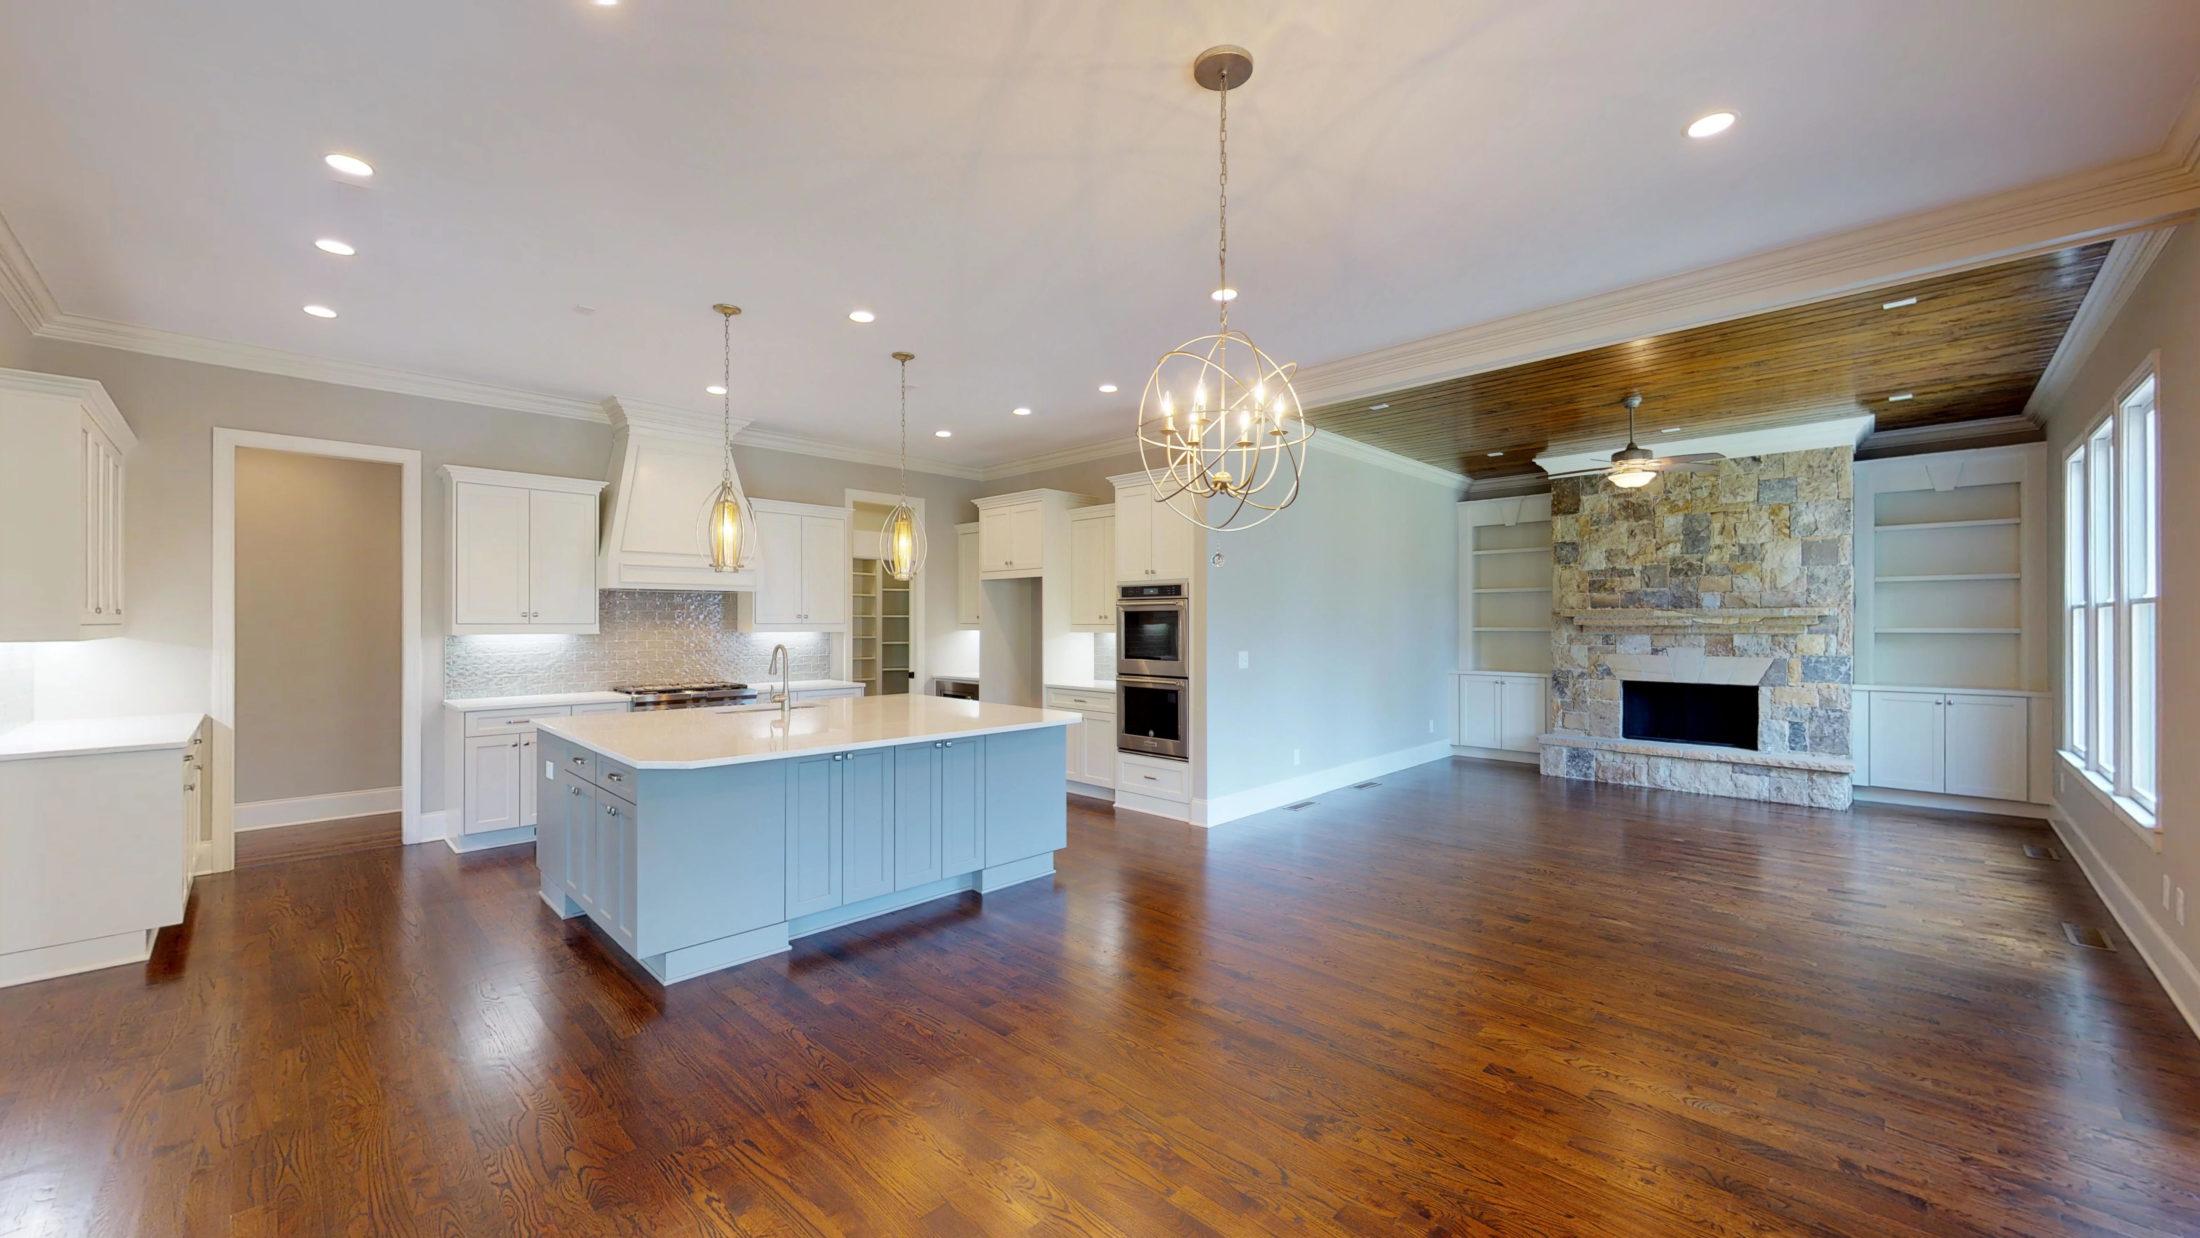 SR Homes: The Ashmont Plan at Rowan Oak